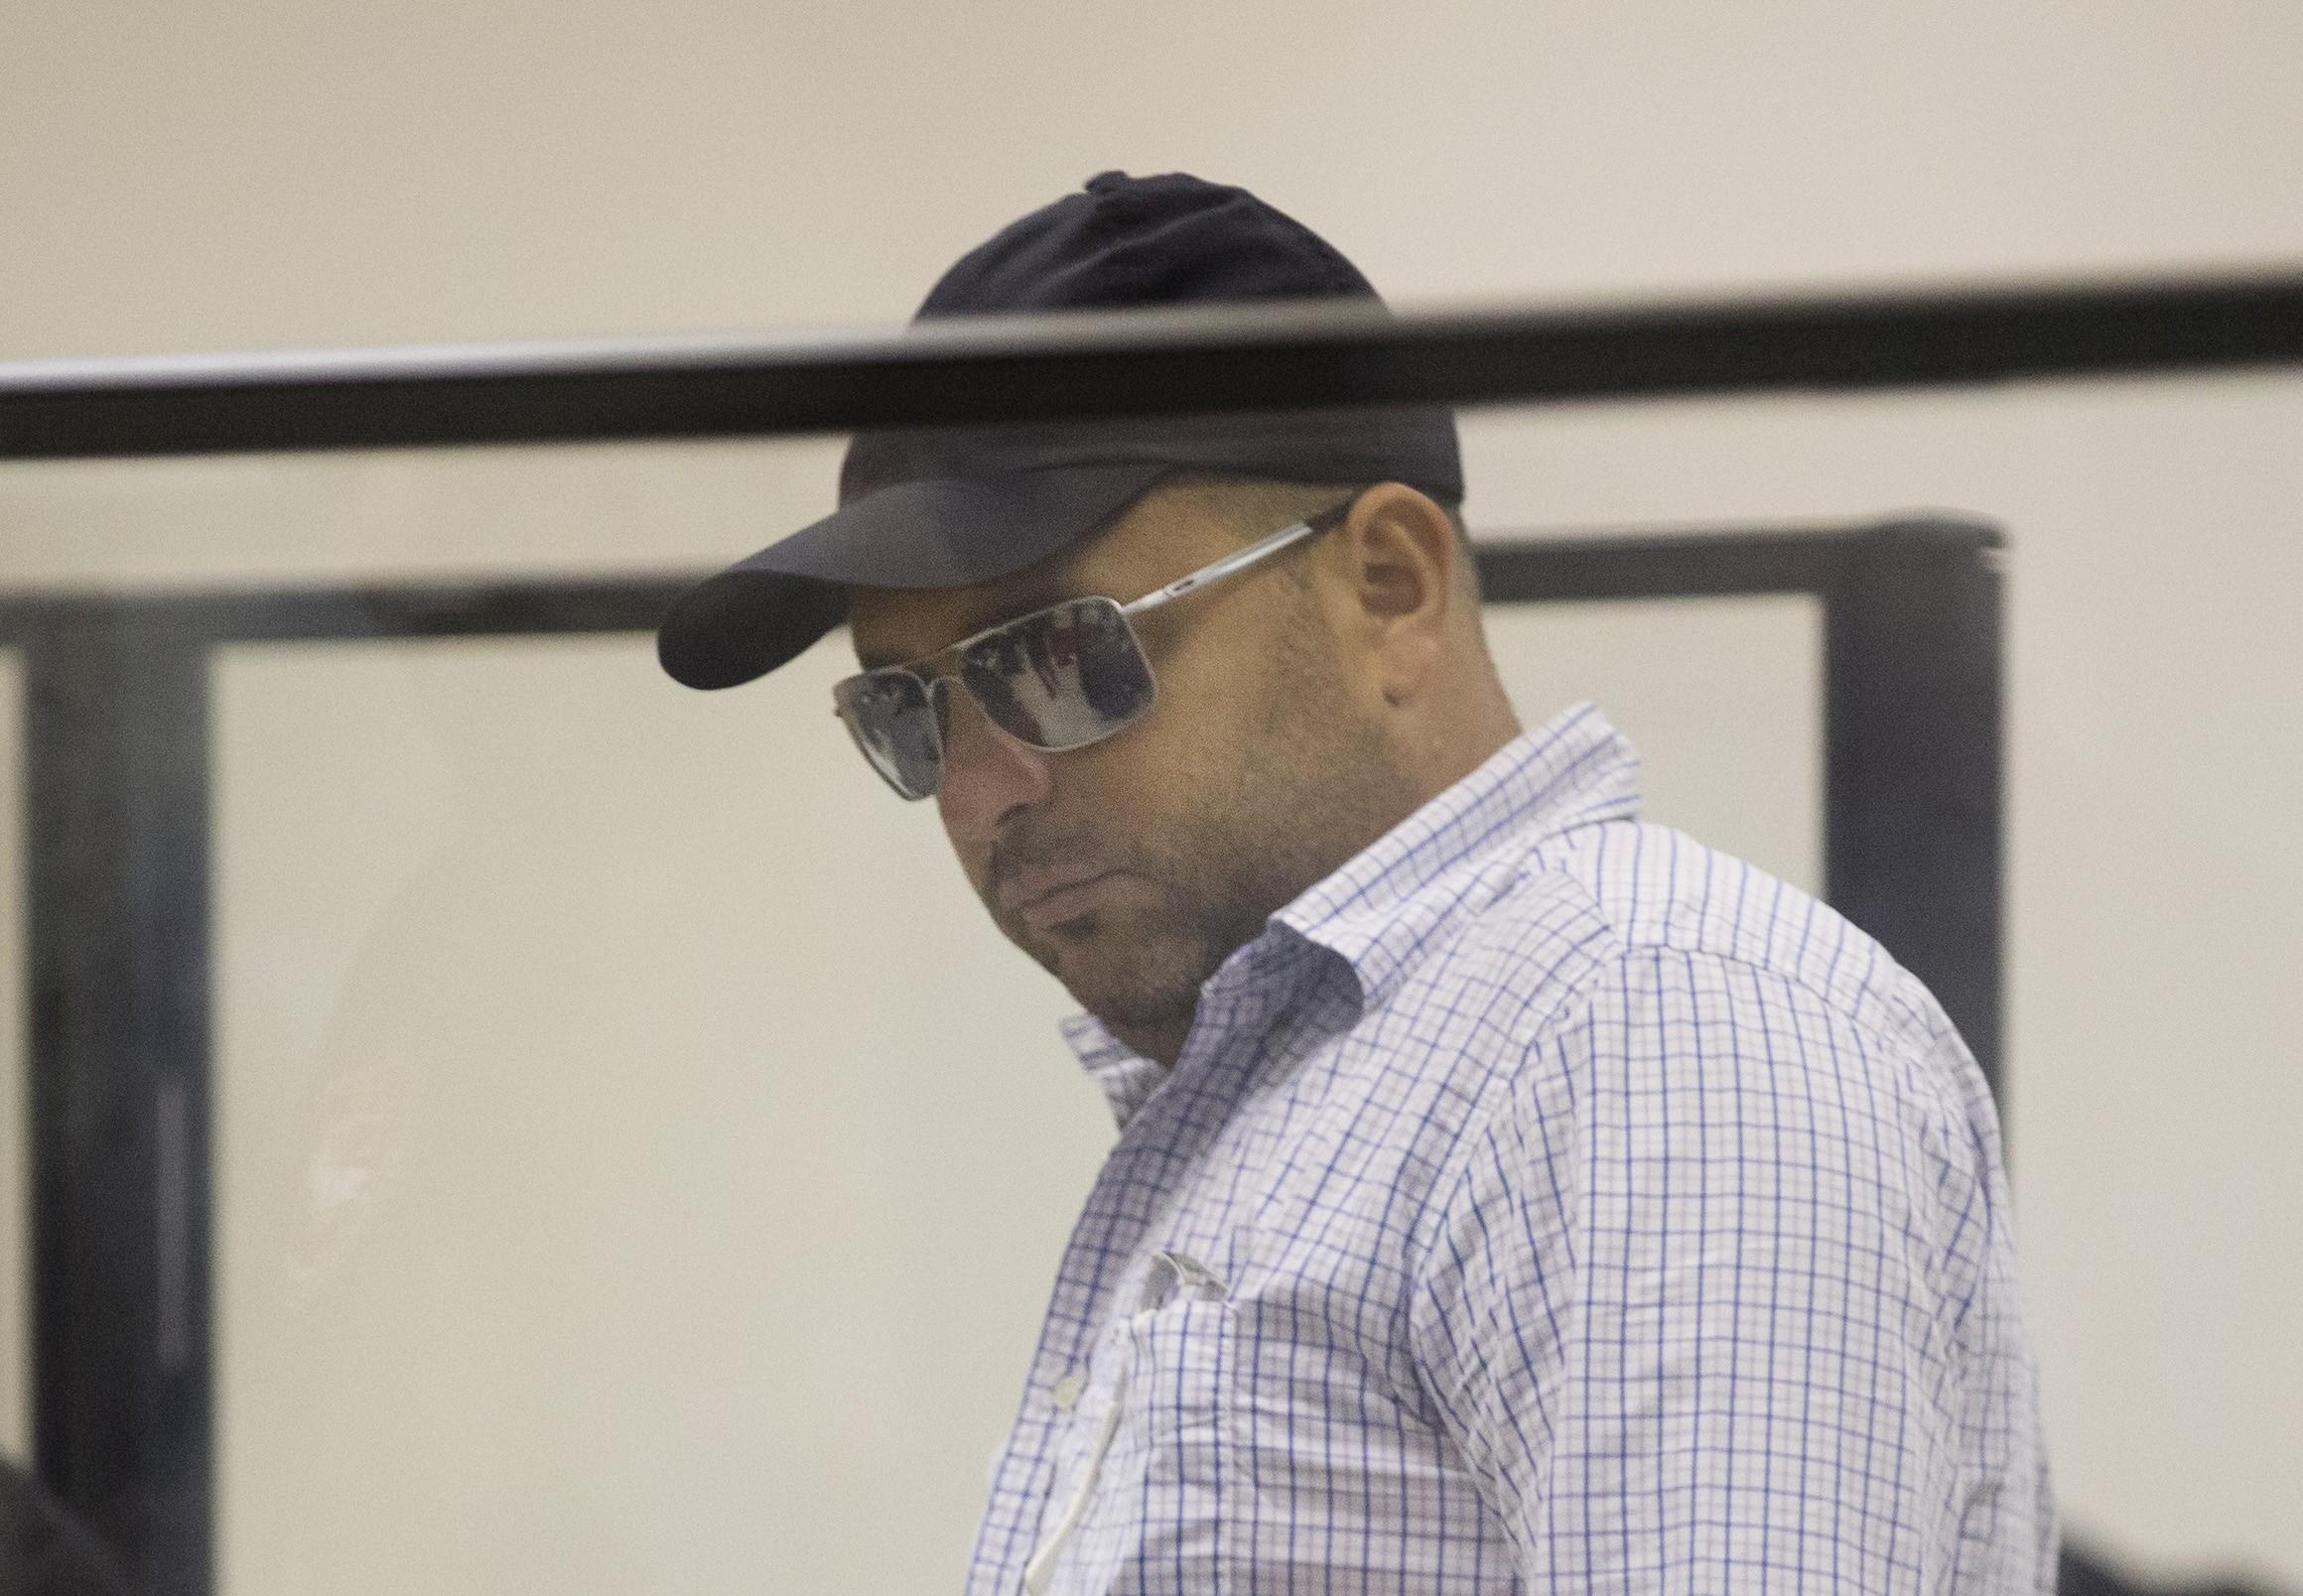 O major da PM Ronald Paulo Alves Pereira, acusado de chefiar a milícia de Rio das Pedras e da Muzema